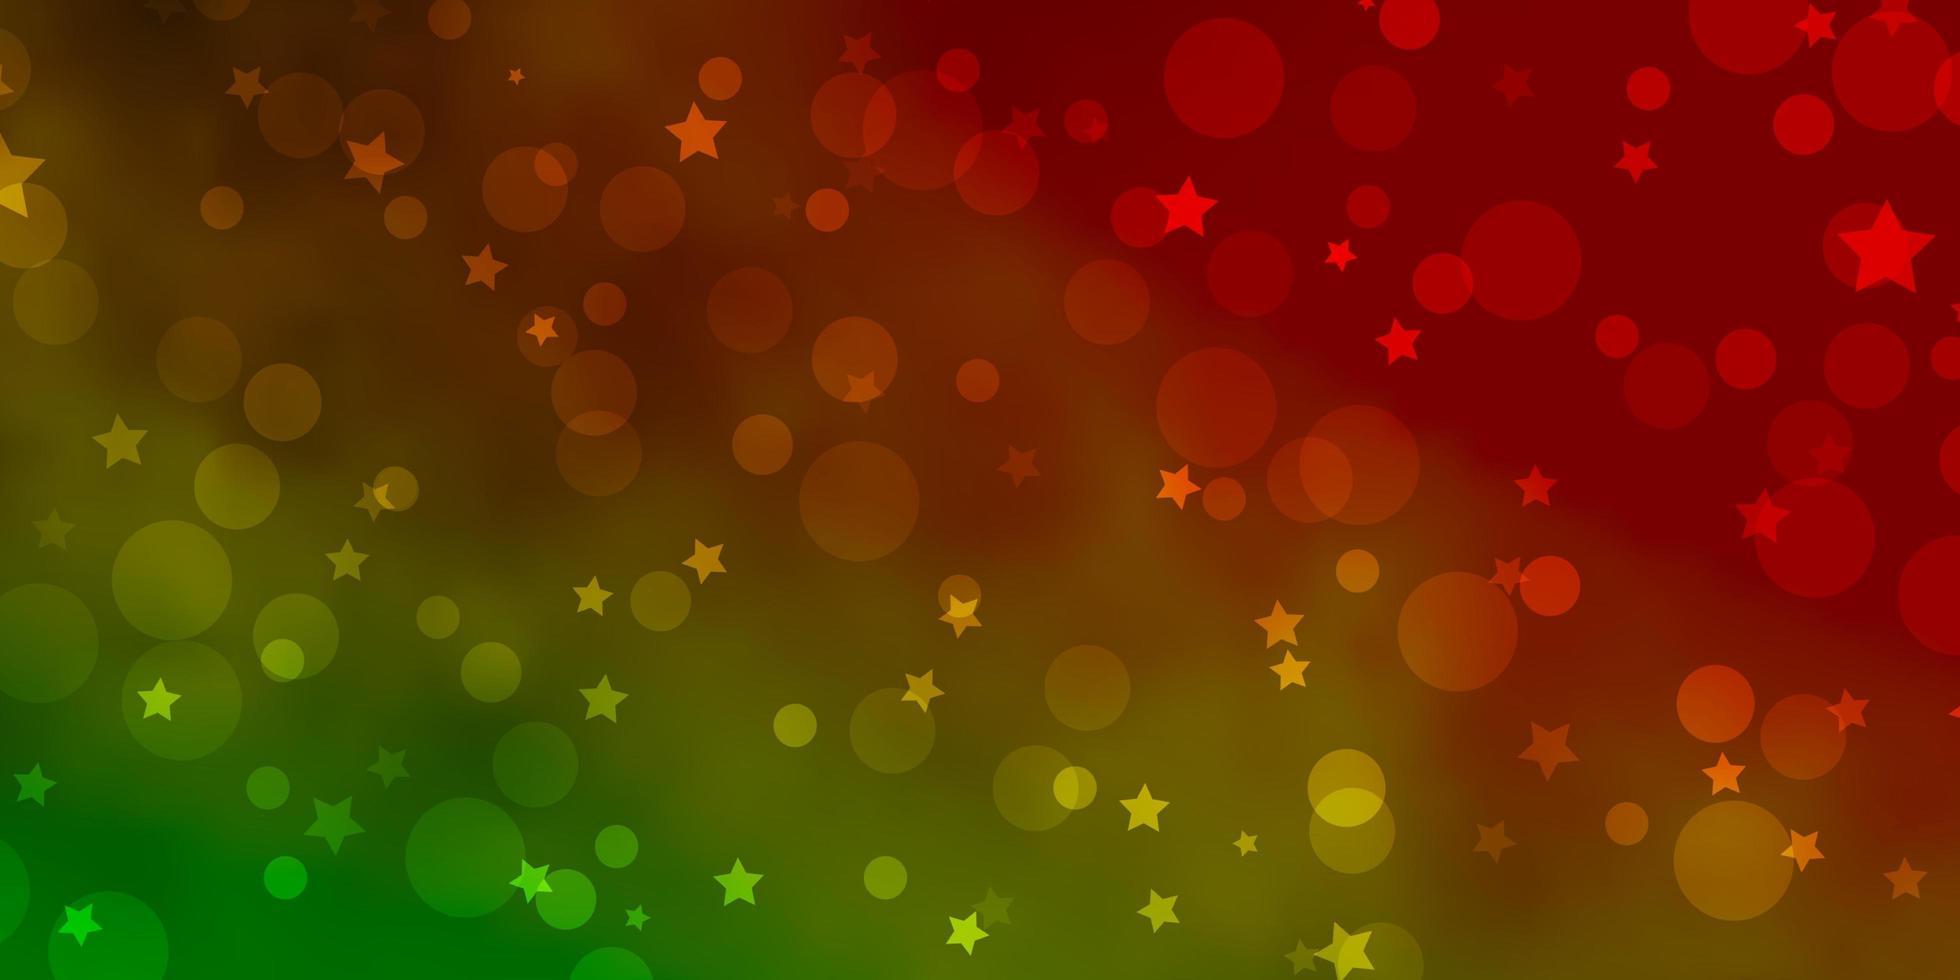 plantilla de vector verde claro, rojo con círculos, estrellas.